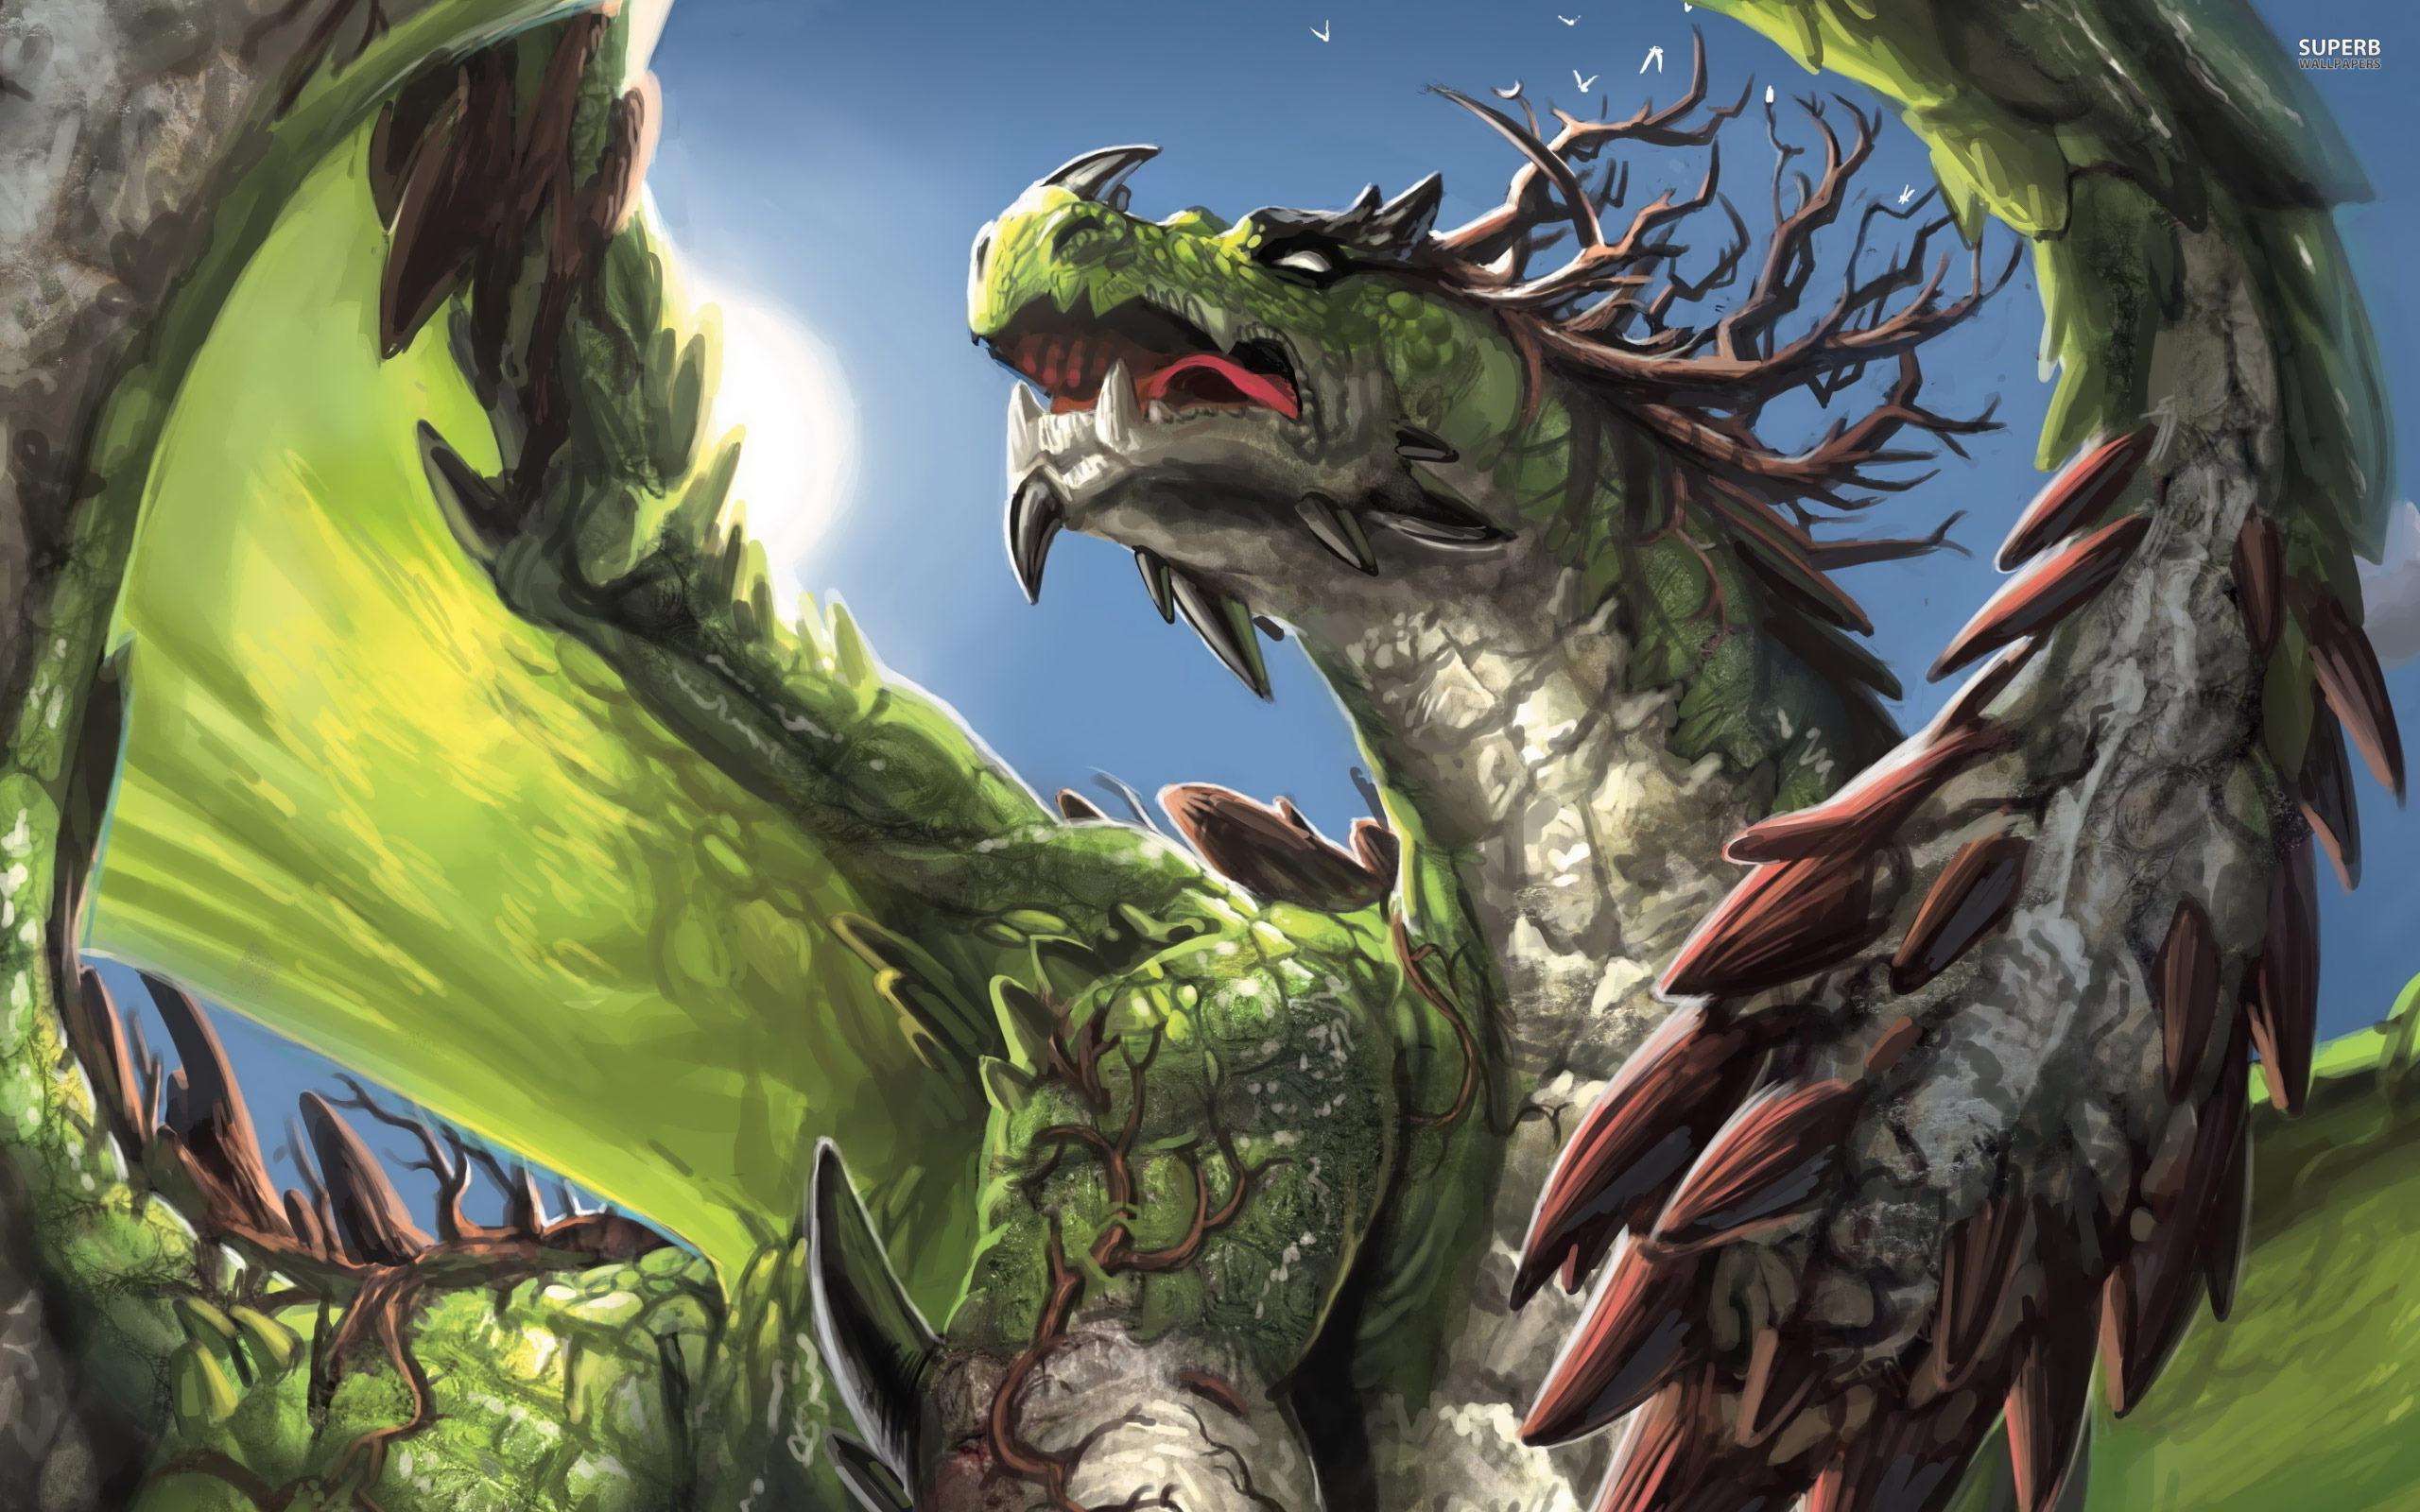 Green dragon wallpaper 2560x1600